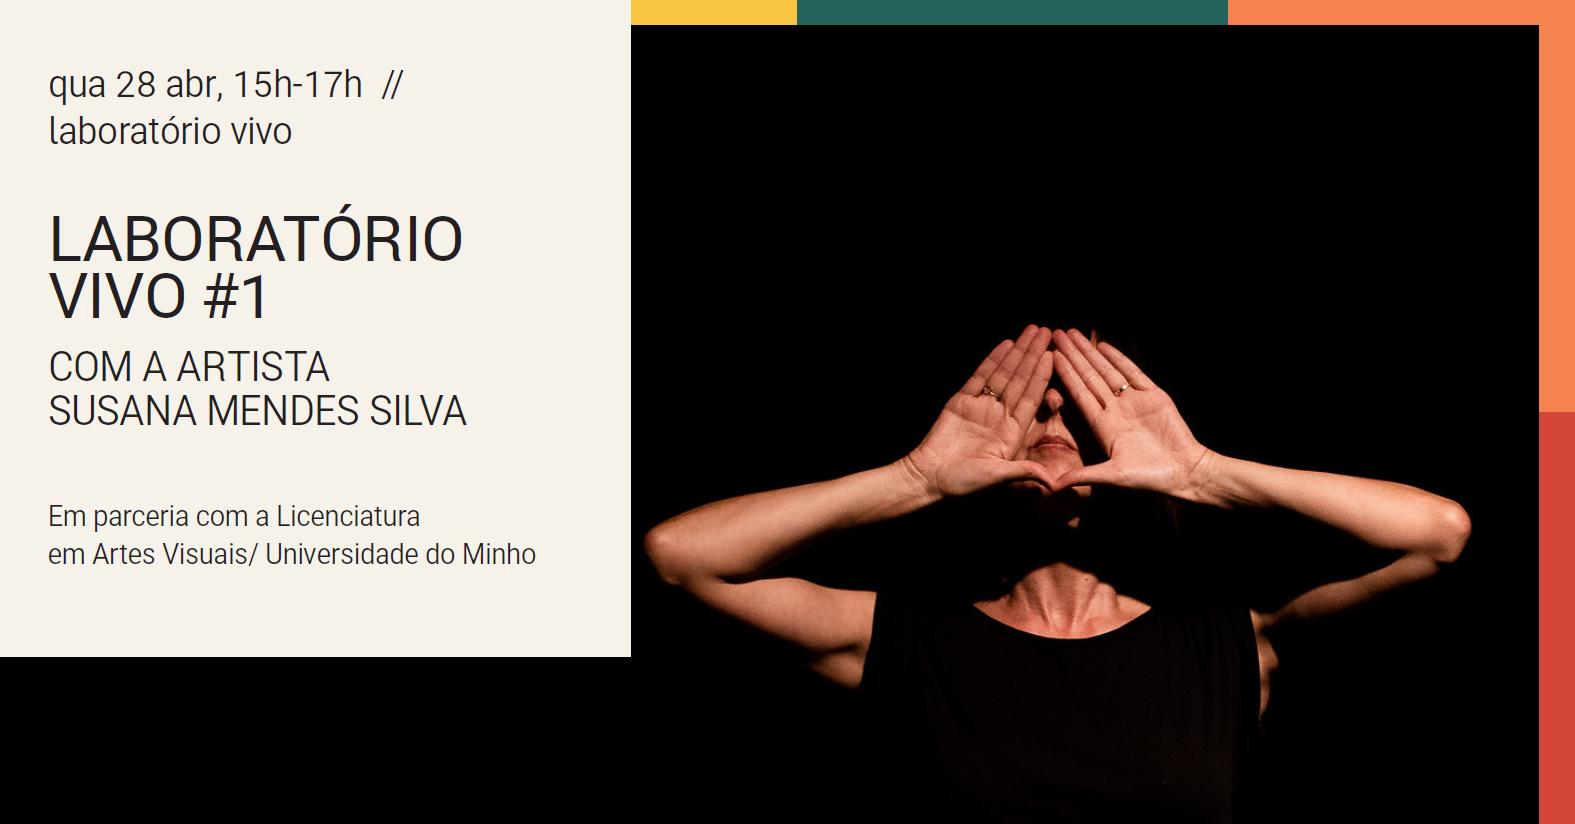 Laboratório Vivo #1 : Susana Mendes Silva e alunos do 3.º ano de Artes Visuais da UMinho